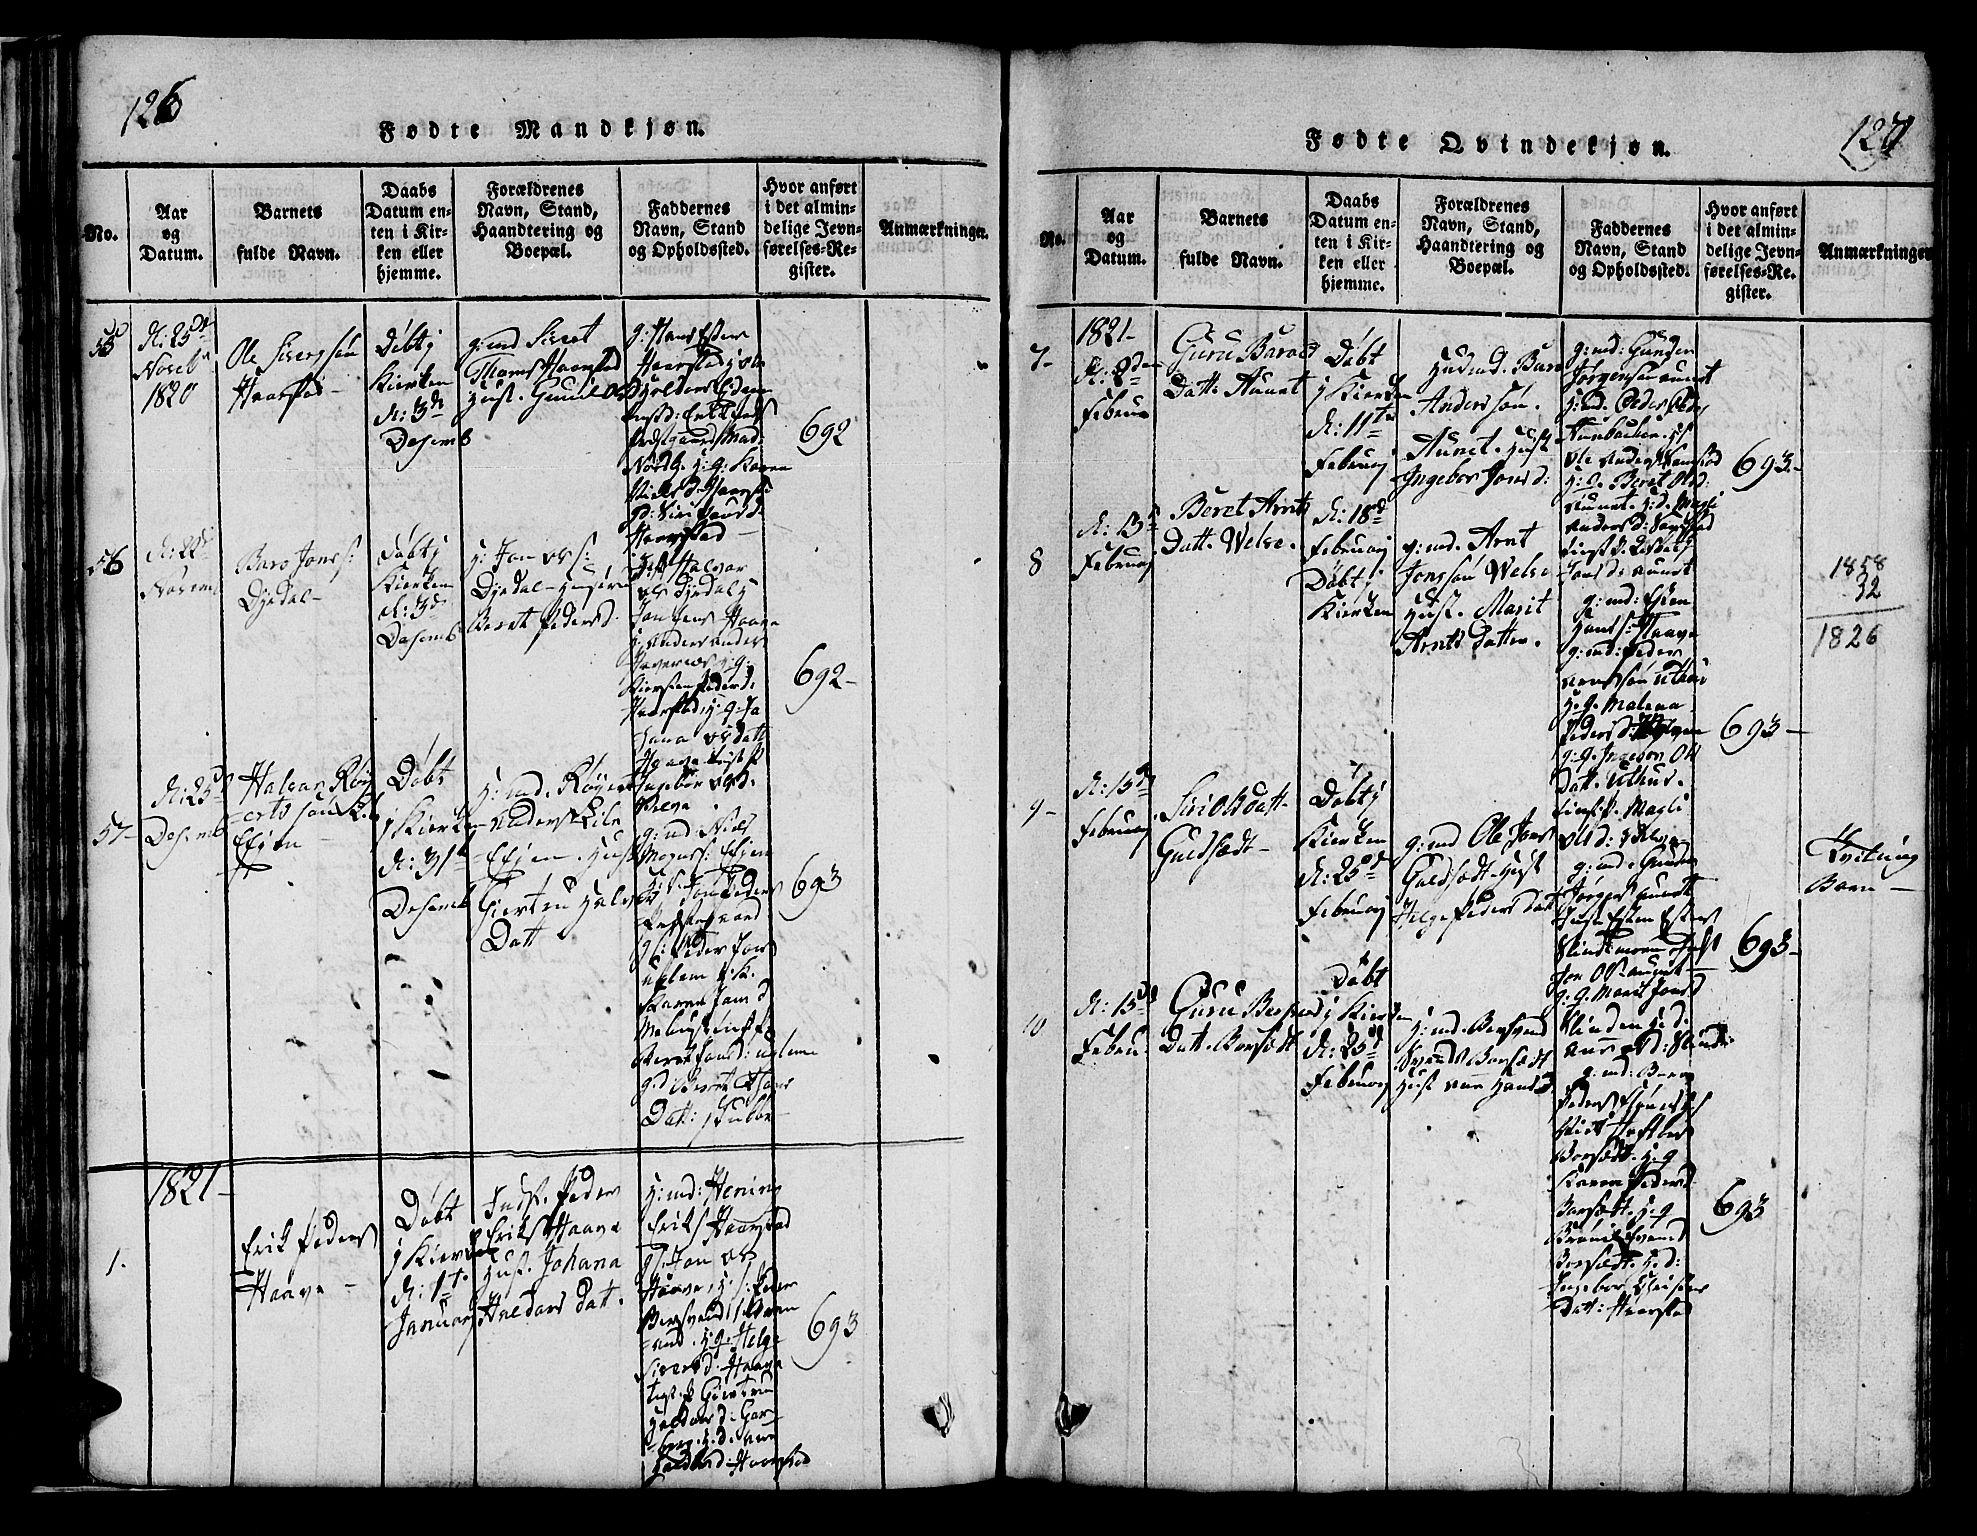 SAT, Ministerialprotokoller, klokkerbøker og fødselsregistre - Sør-Trøndelag, 695/L1152: Klokkerbok nr. 695C03, 1816-1831, s. 126-127